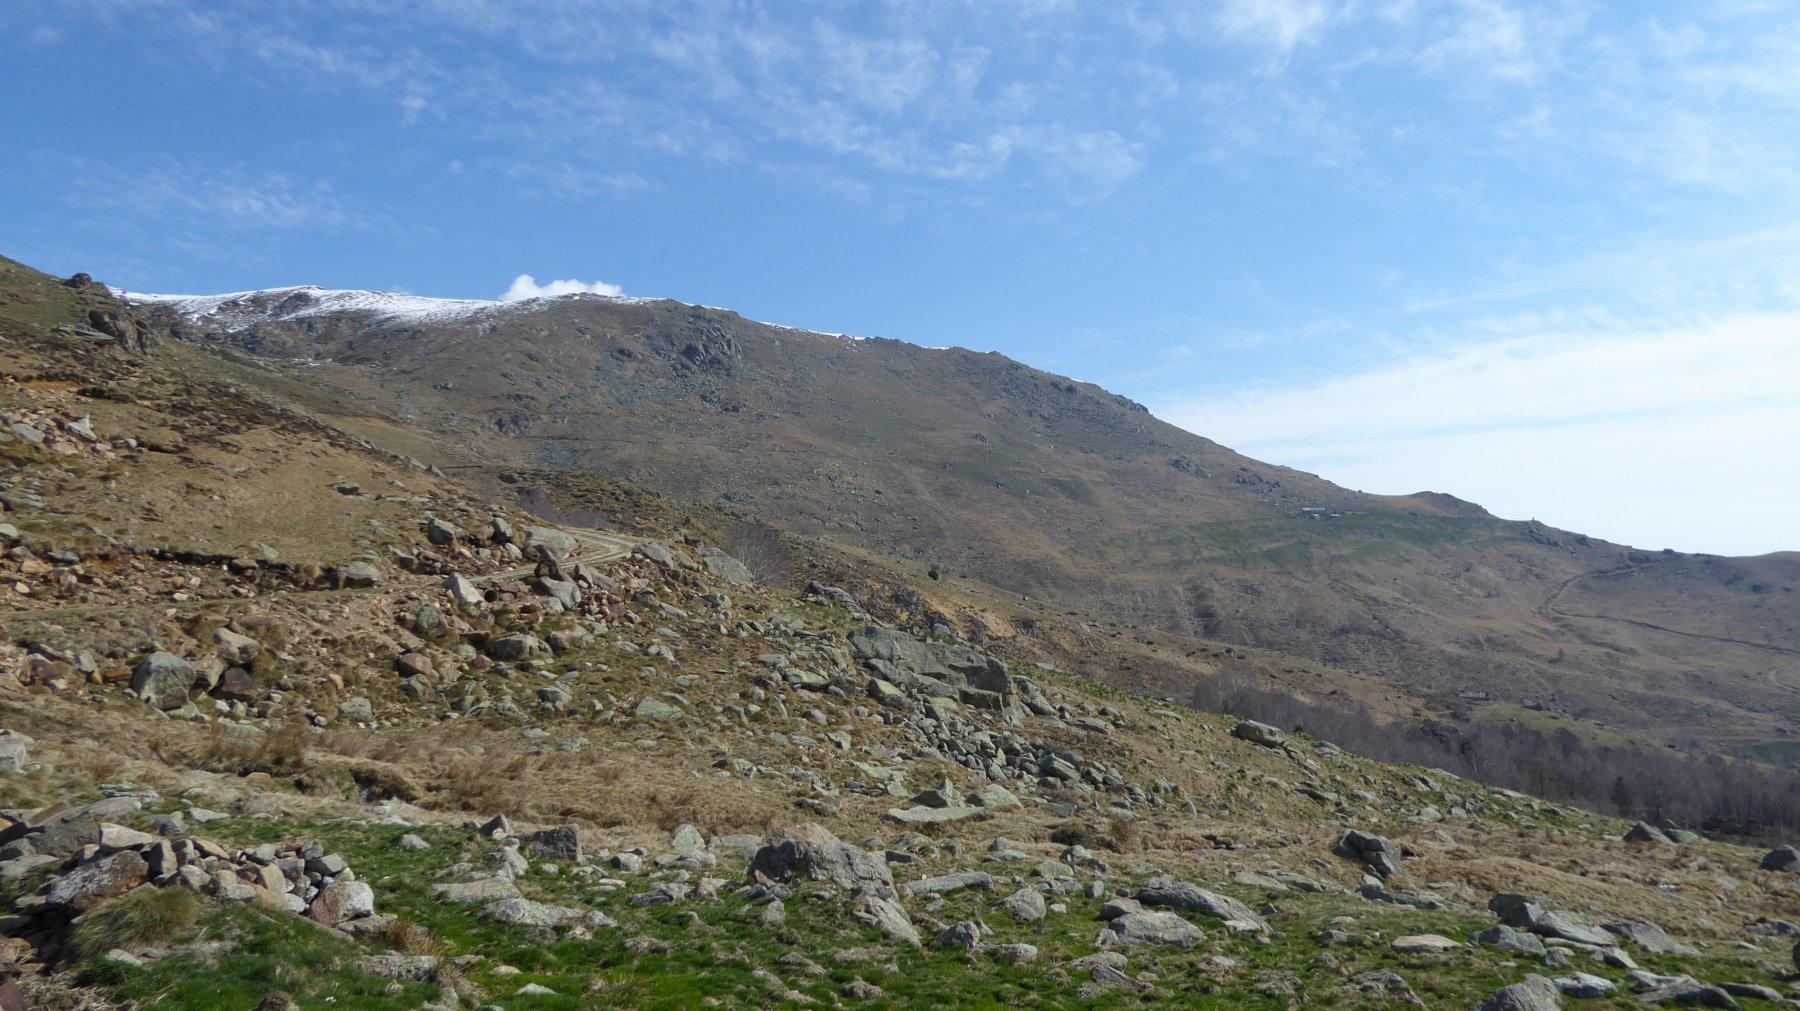 Da Pinalba, la cresta del Bric Paglie